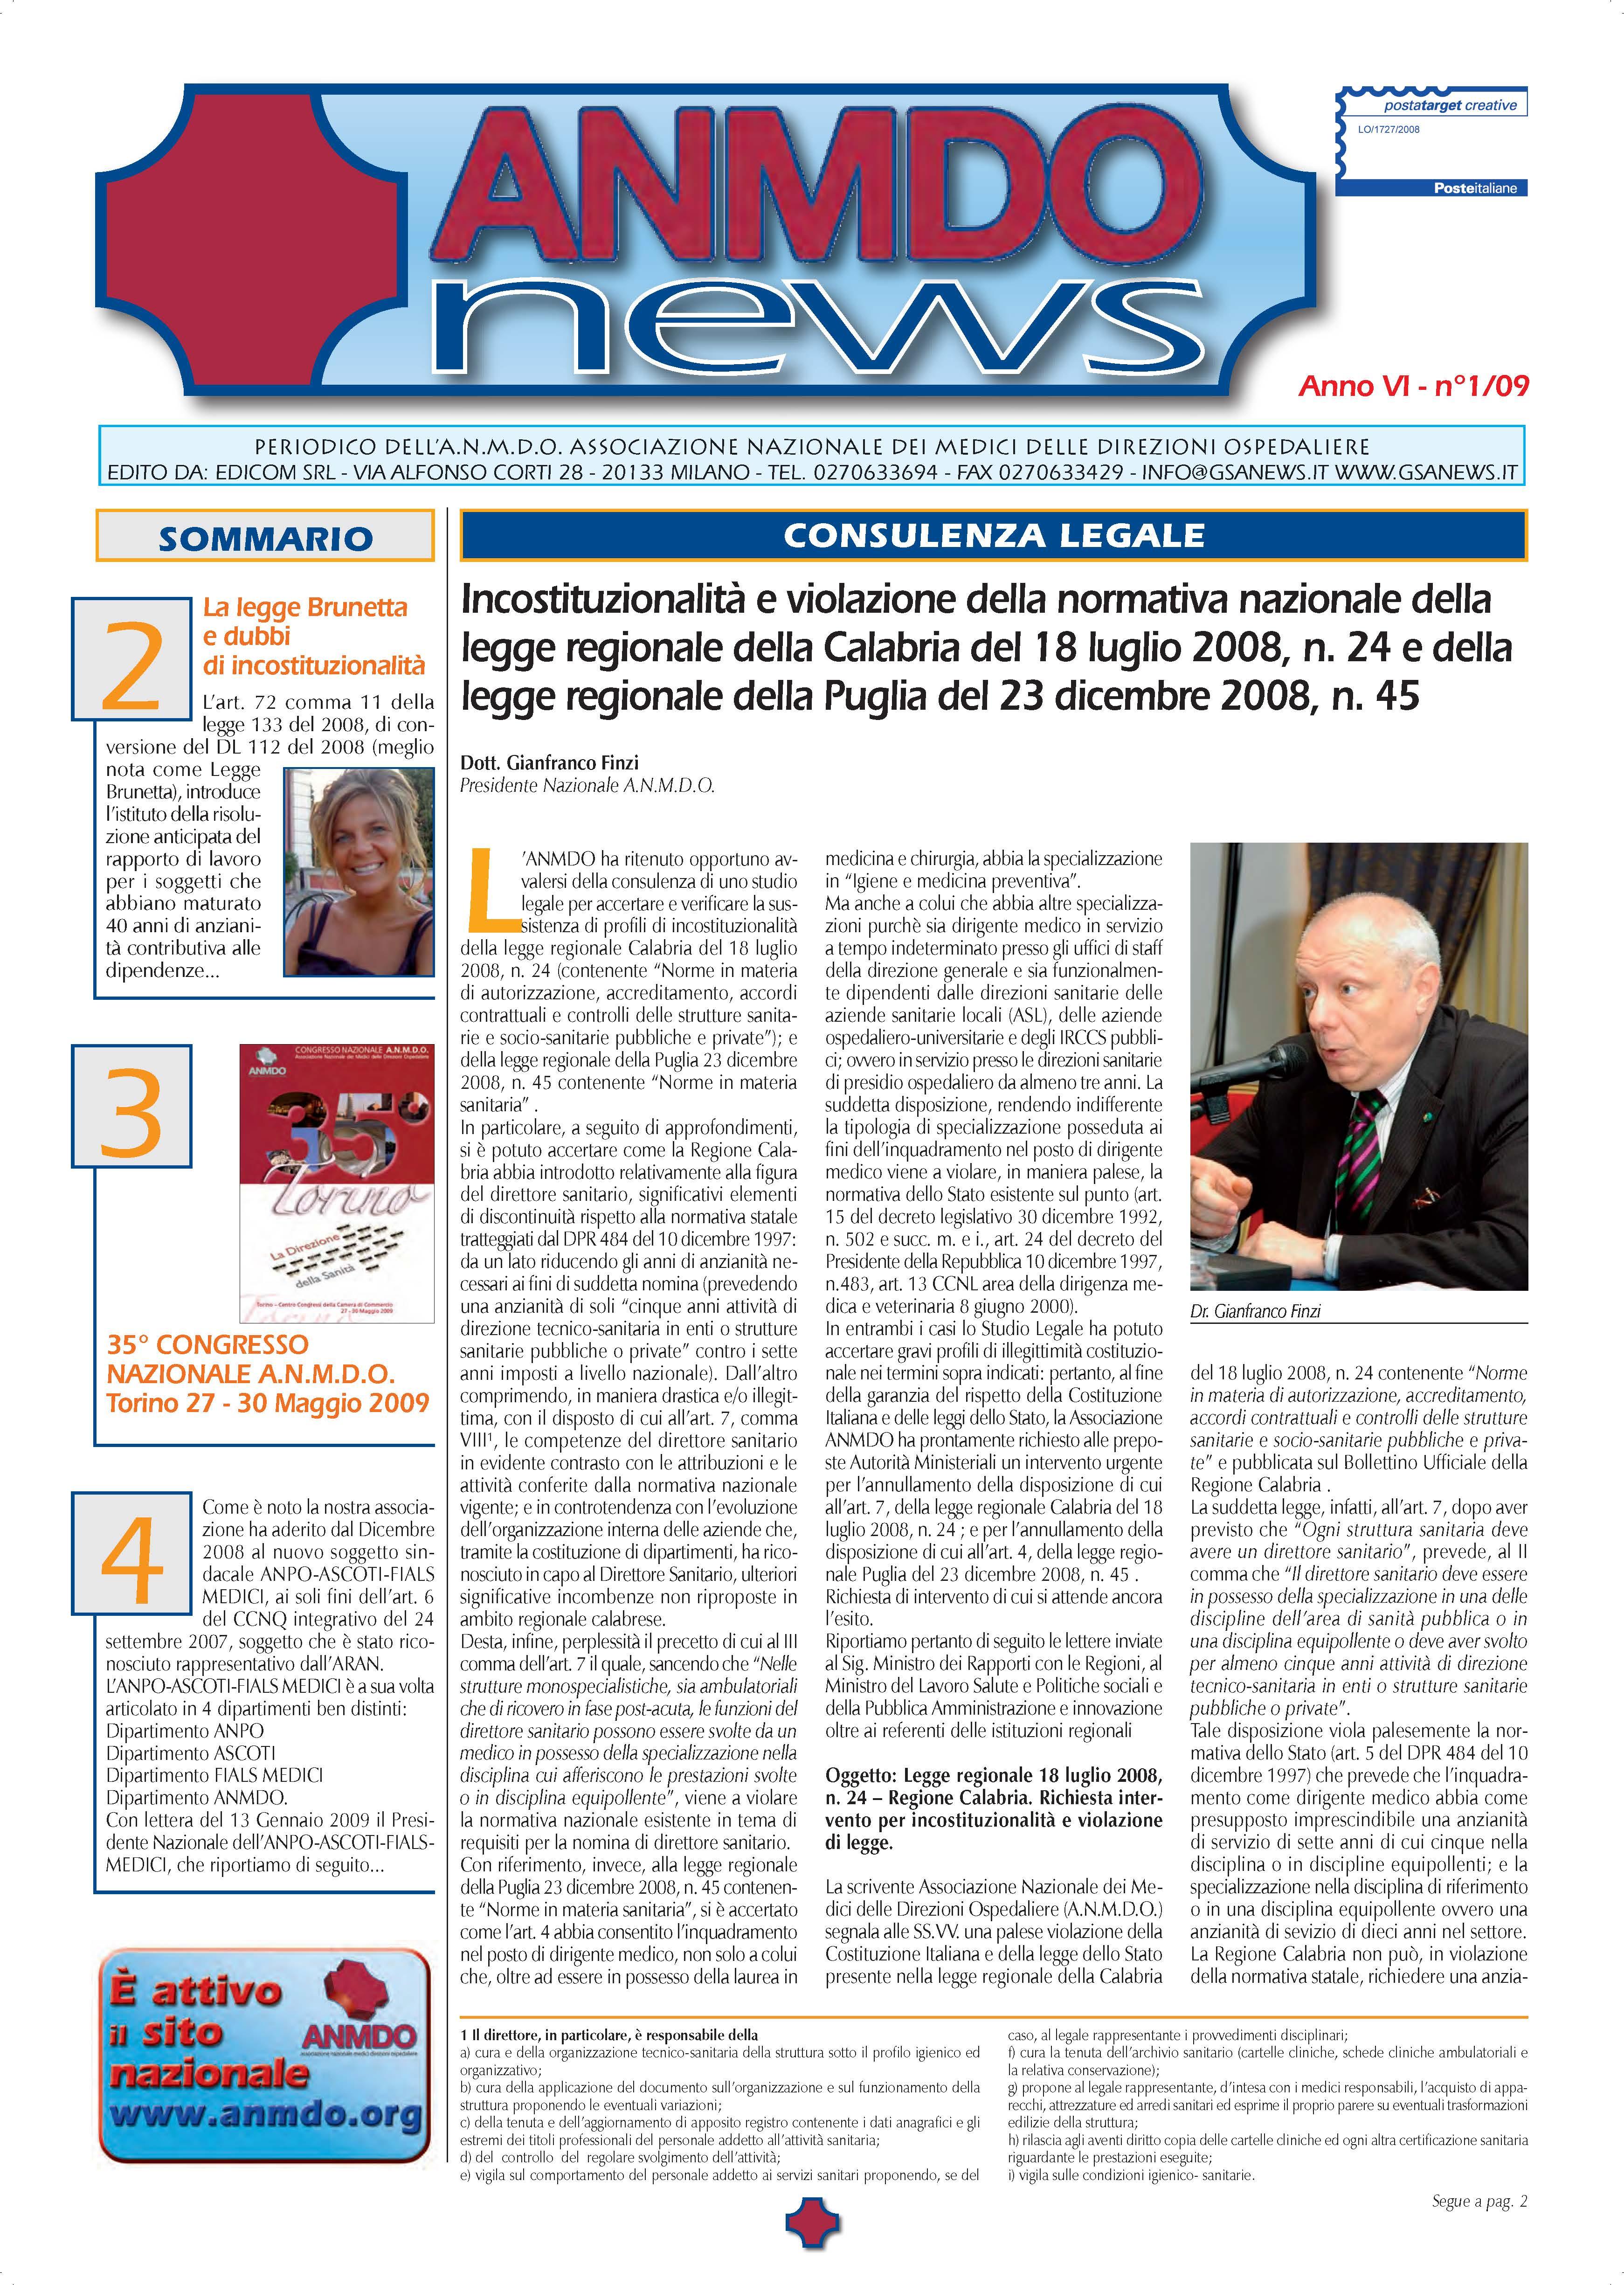 pagine-da-anmdonews_1_09